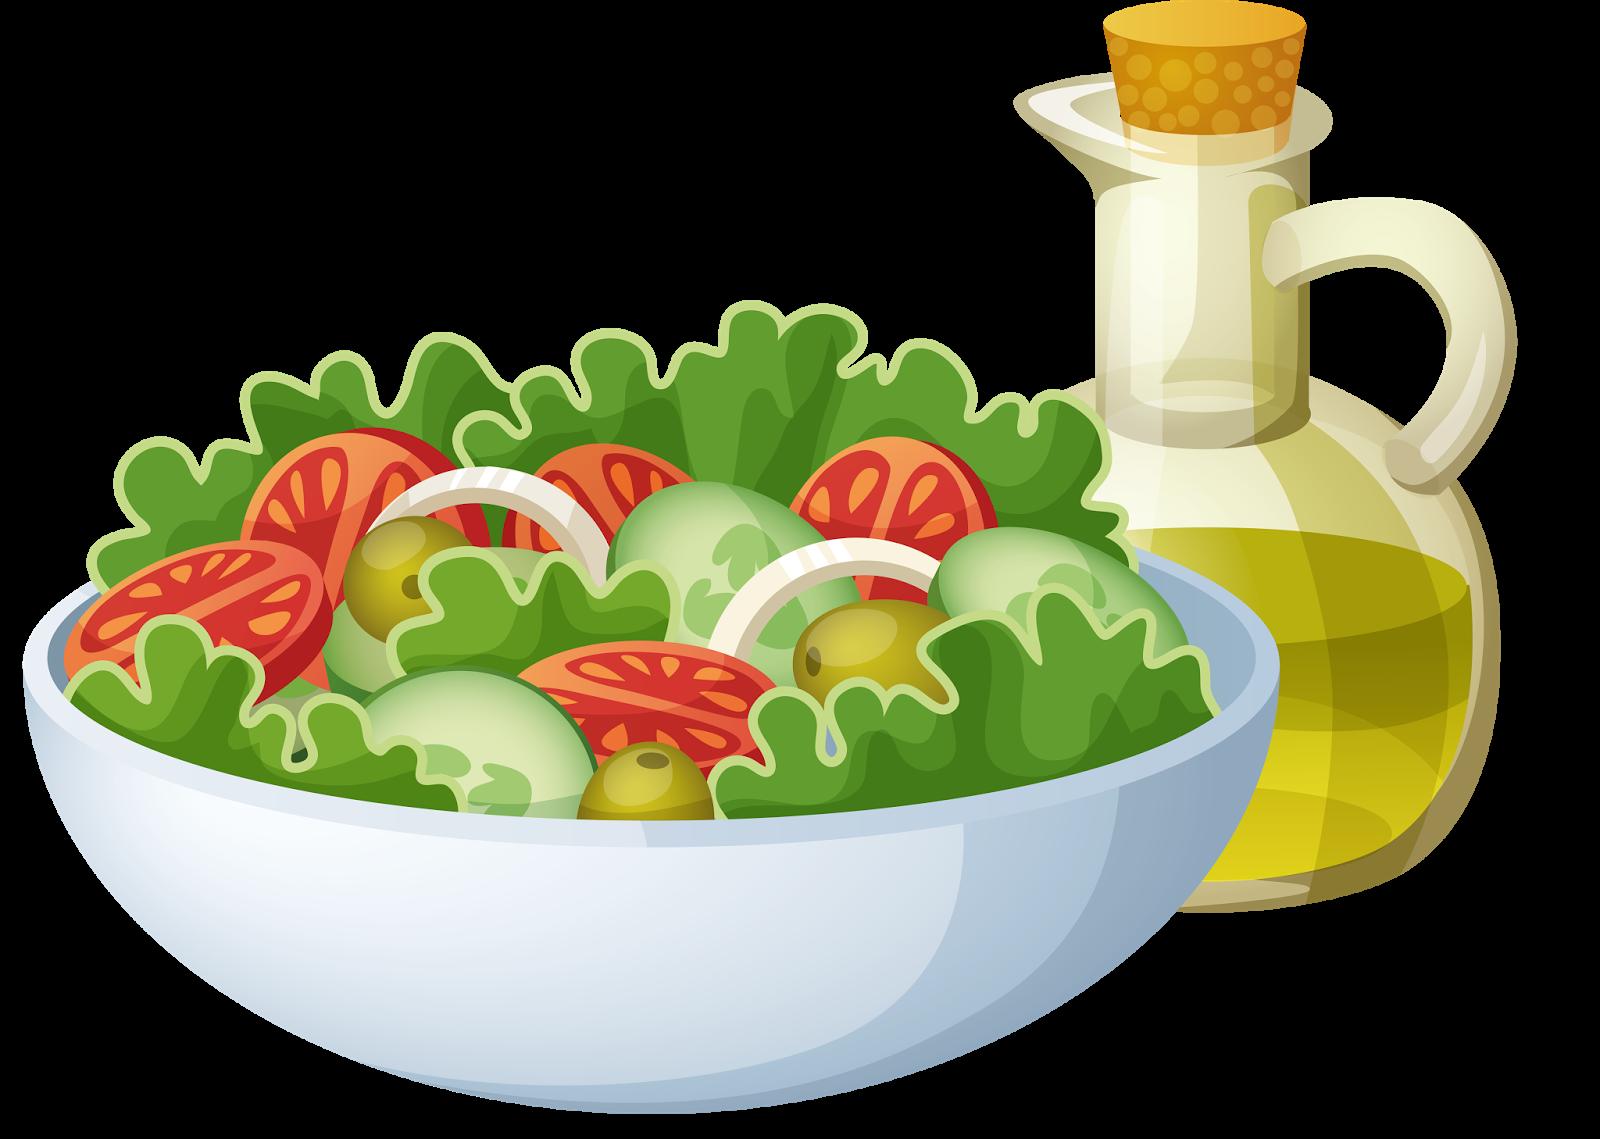 Картинки салат для детей, анимашки для презентаций